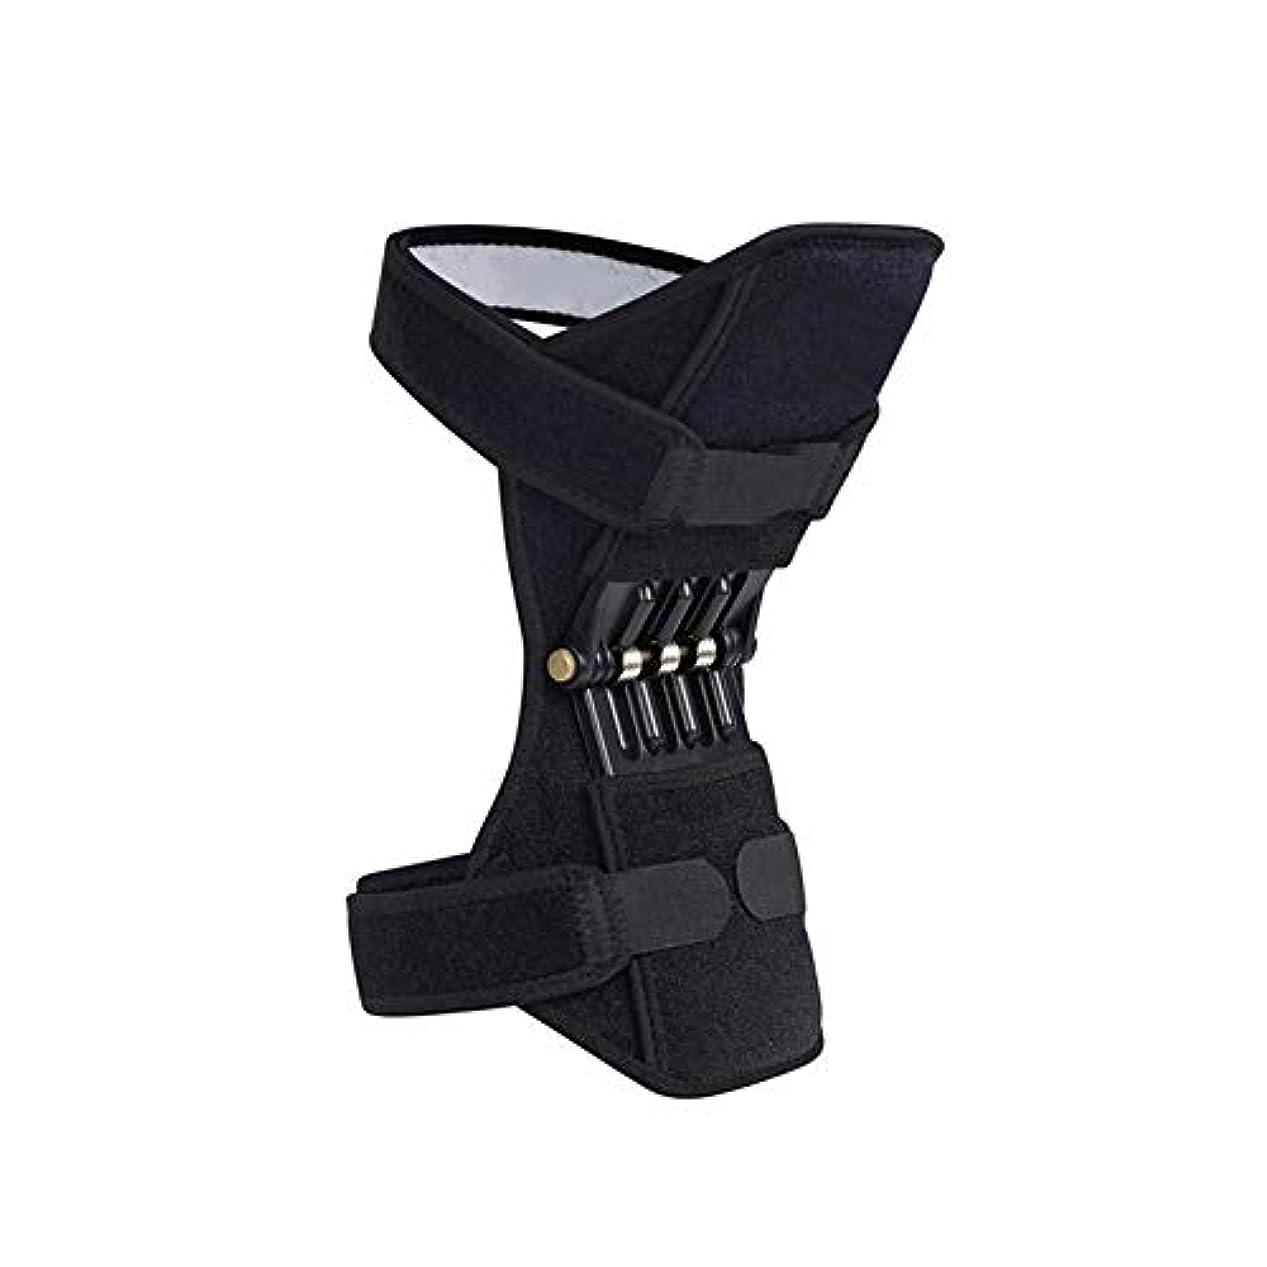 上がるケイ素気晴らしEsolom シングル 共同サポート 膝パッド通気性 滑り止め パワーブースト 関節補助膝パッド 左右どちらの足でも 強いリバウンドニーパッド